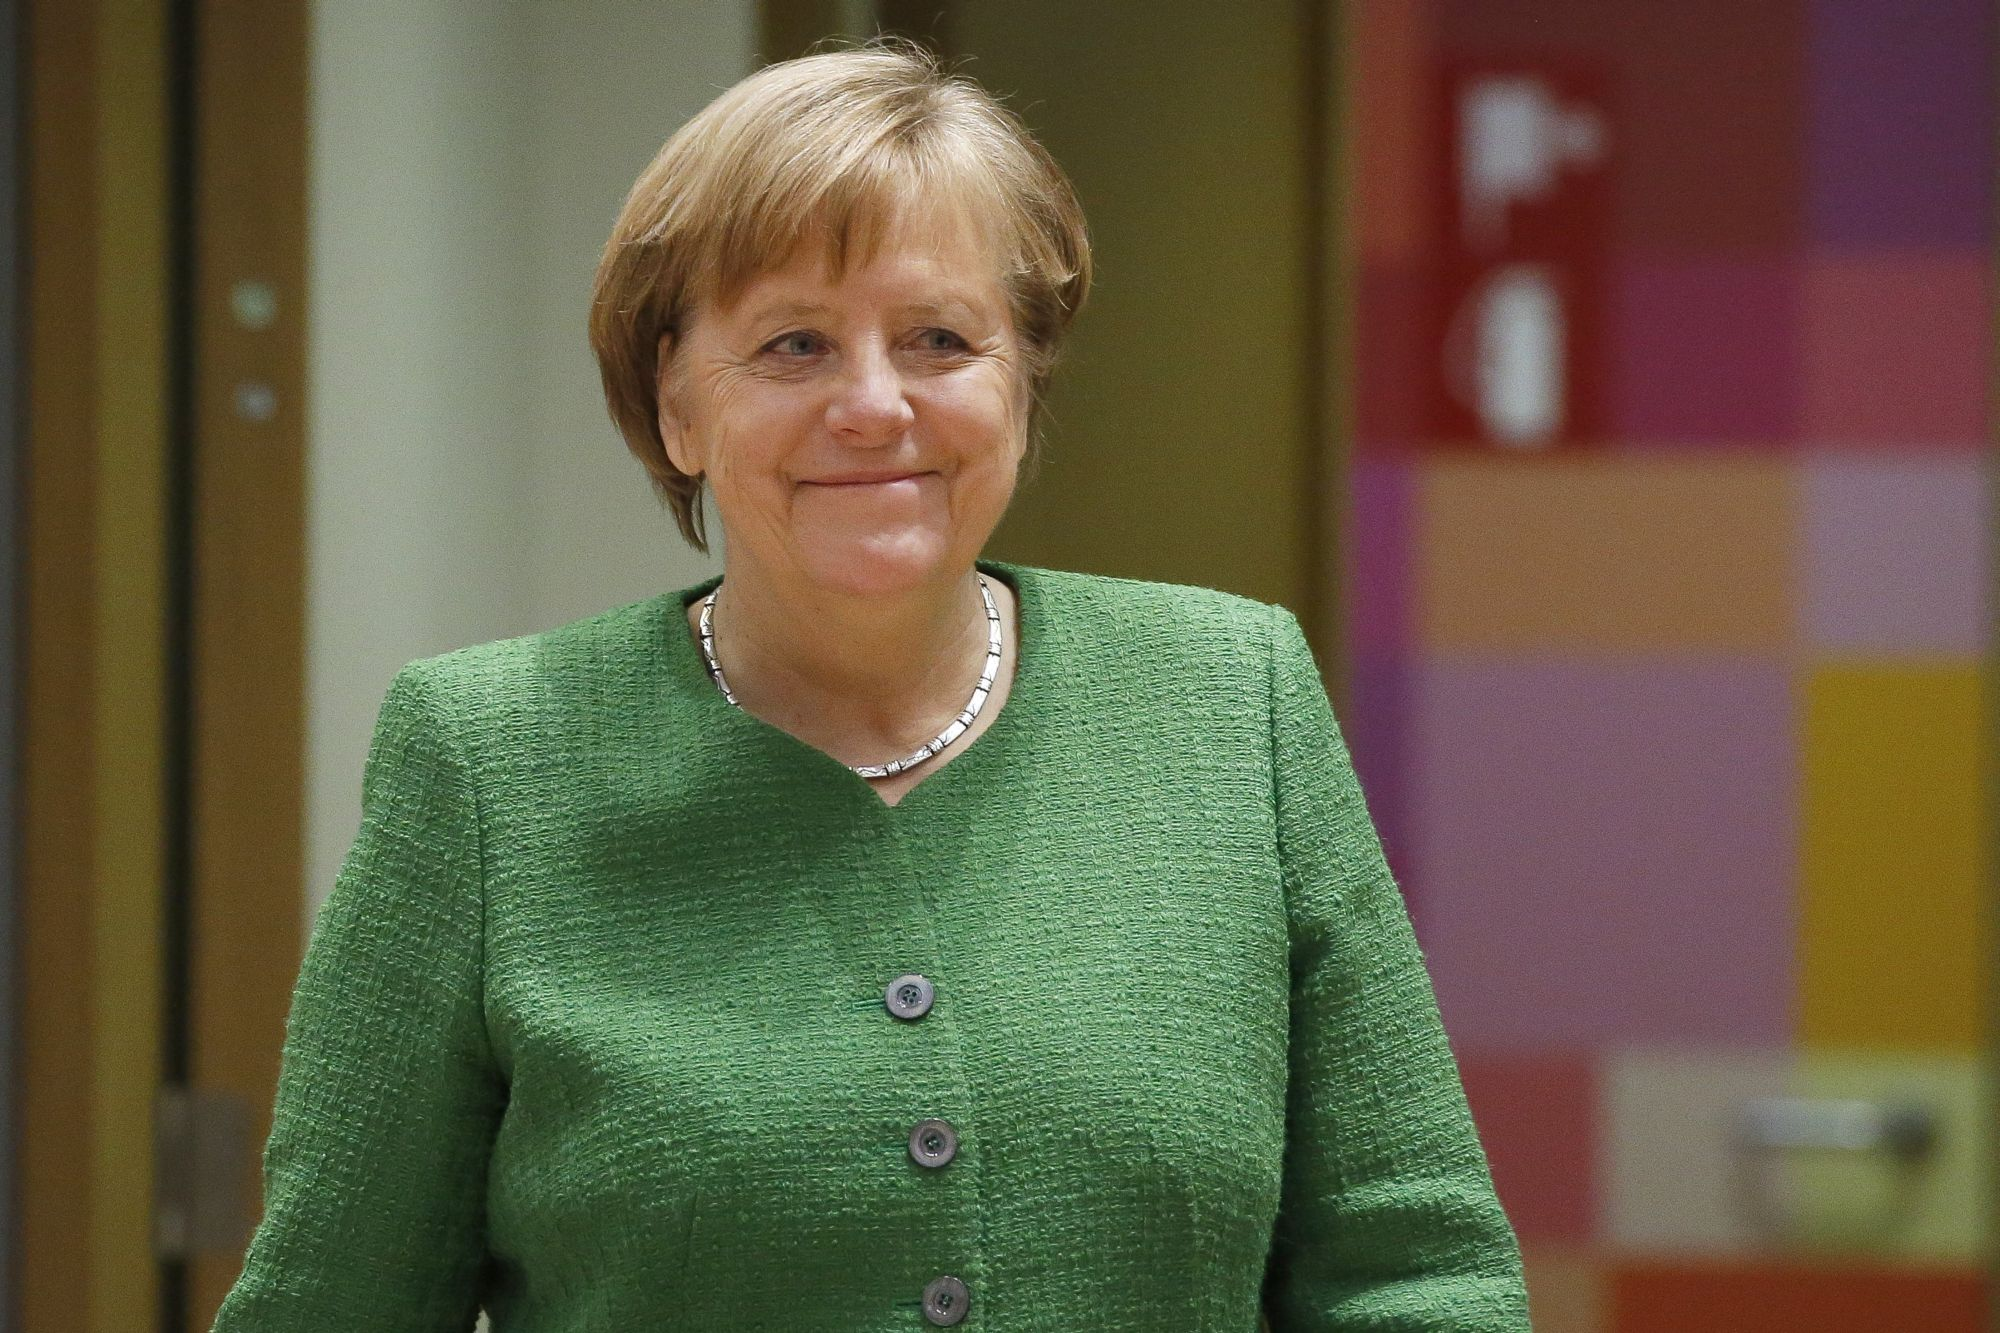 Angela Merkel német kancellár érkezik az Európai Unió tagállamai kétnapos állam- és kormányfői csúcstalálkozójának második napi ülésére Brüsszelben 2018. március 23-án. (MTI/EPA/Julien Warnand)